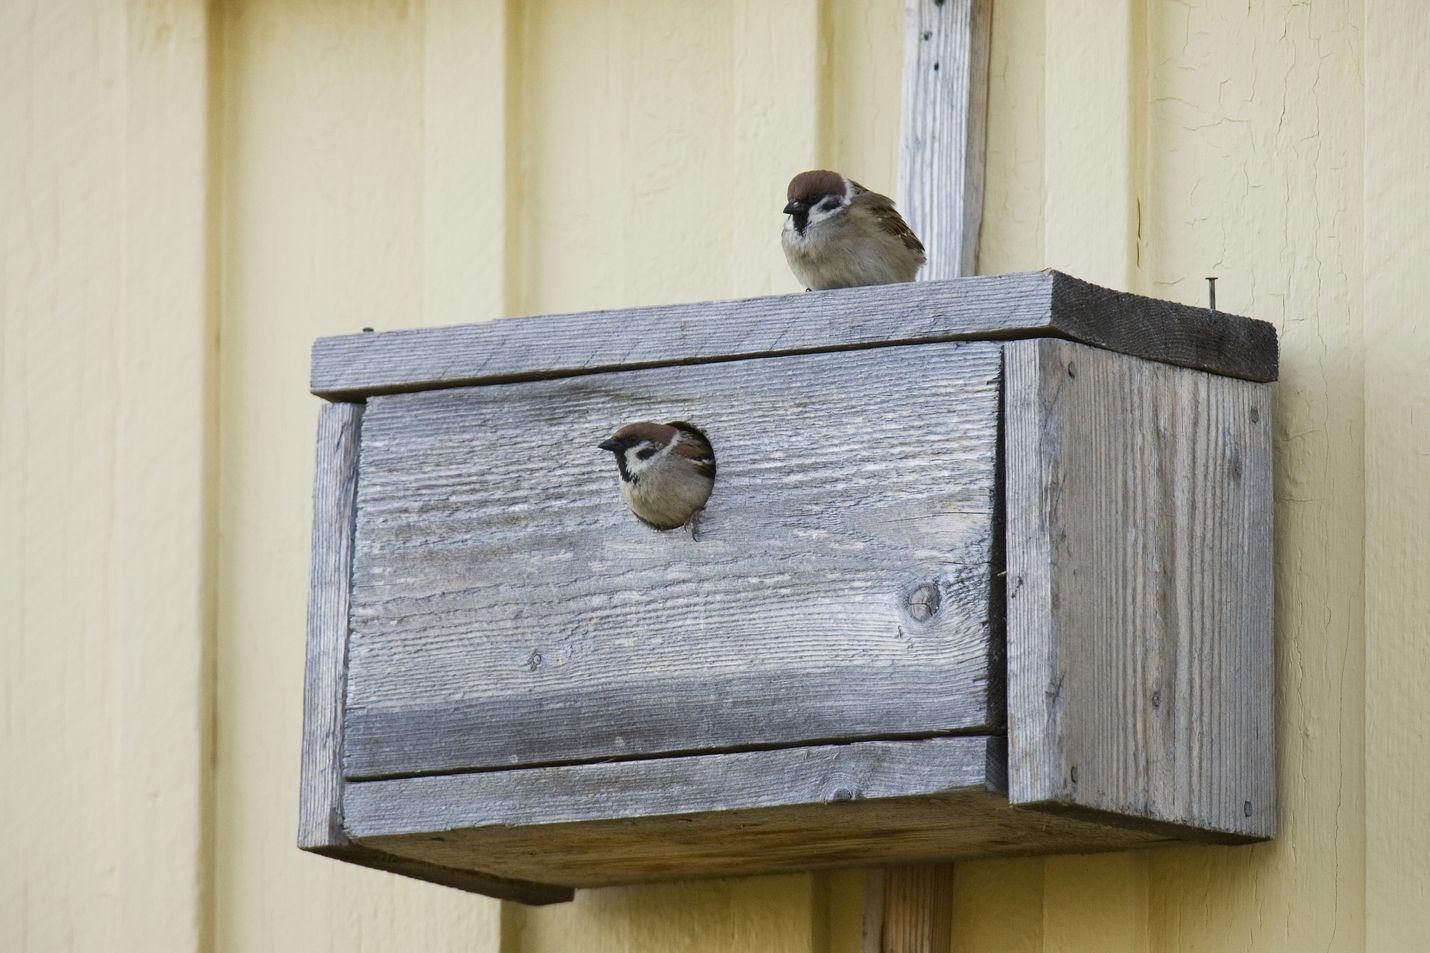 Pikkuvarpusia pesimässä. Kuva: Ari Ahlfors/BirdLife Suomi